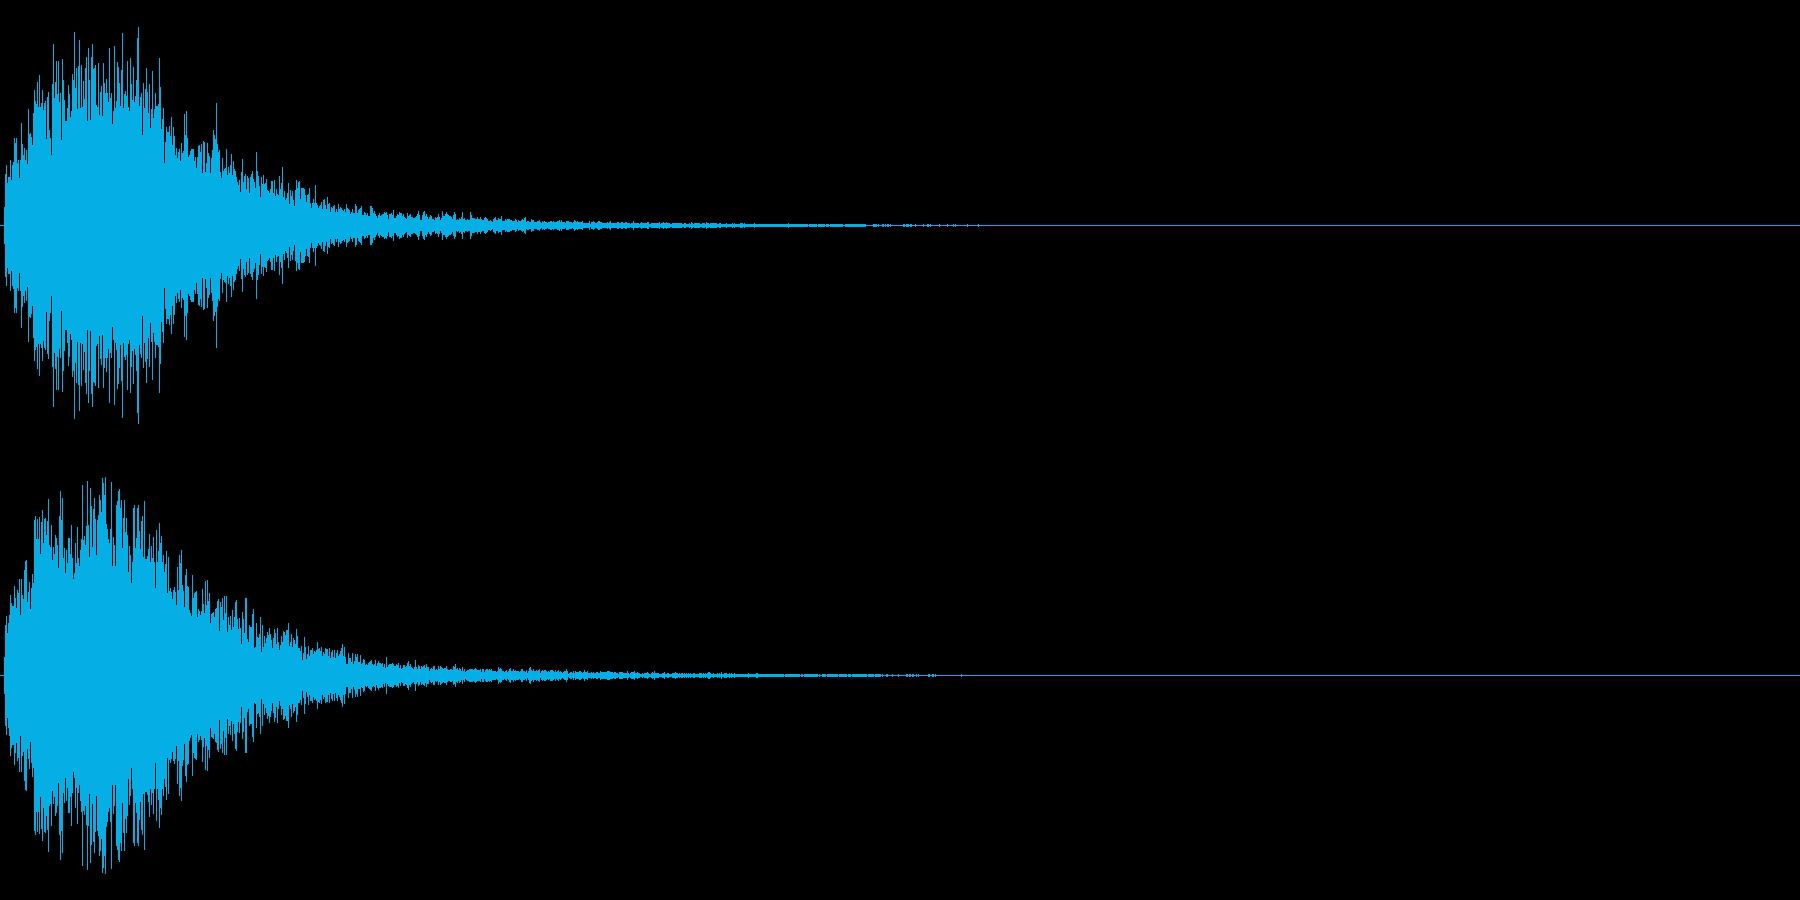 デデーン♪オーケストラヒット効果音01bの再生済みの波形